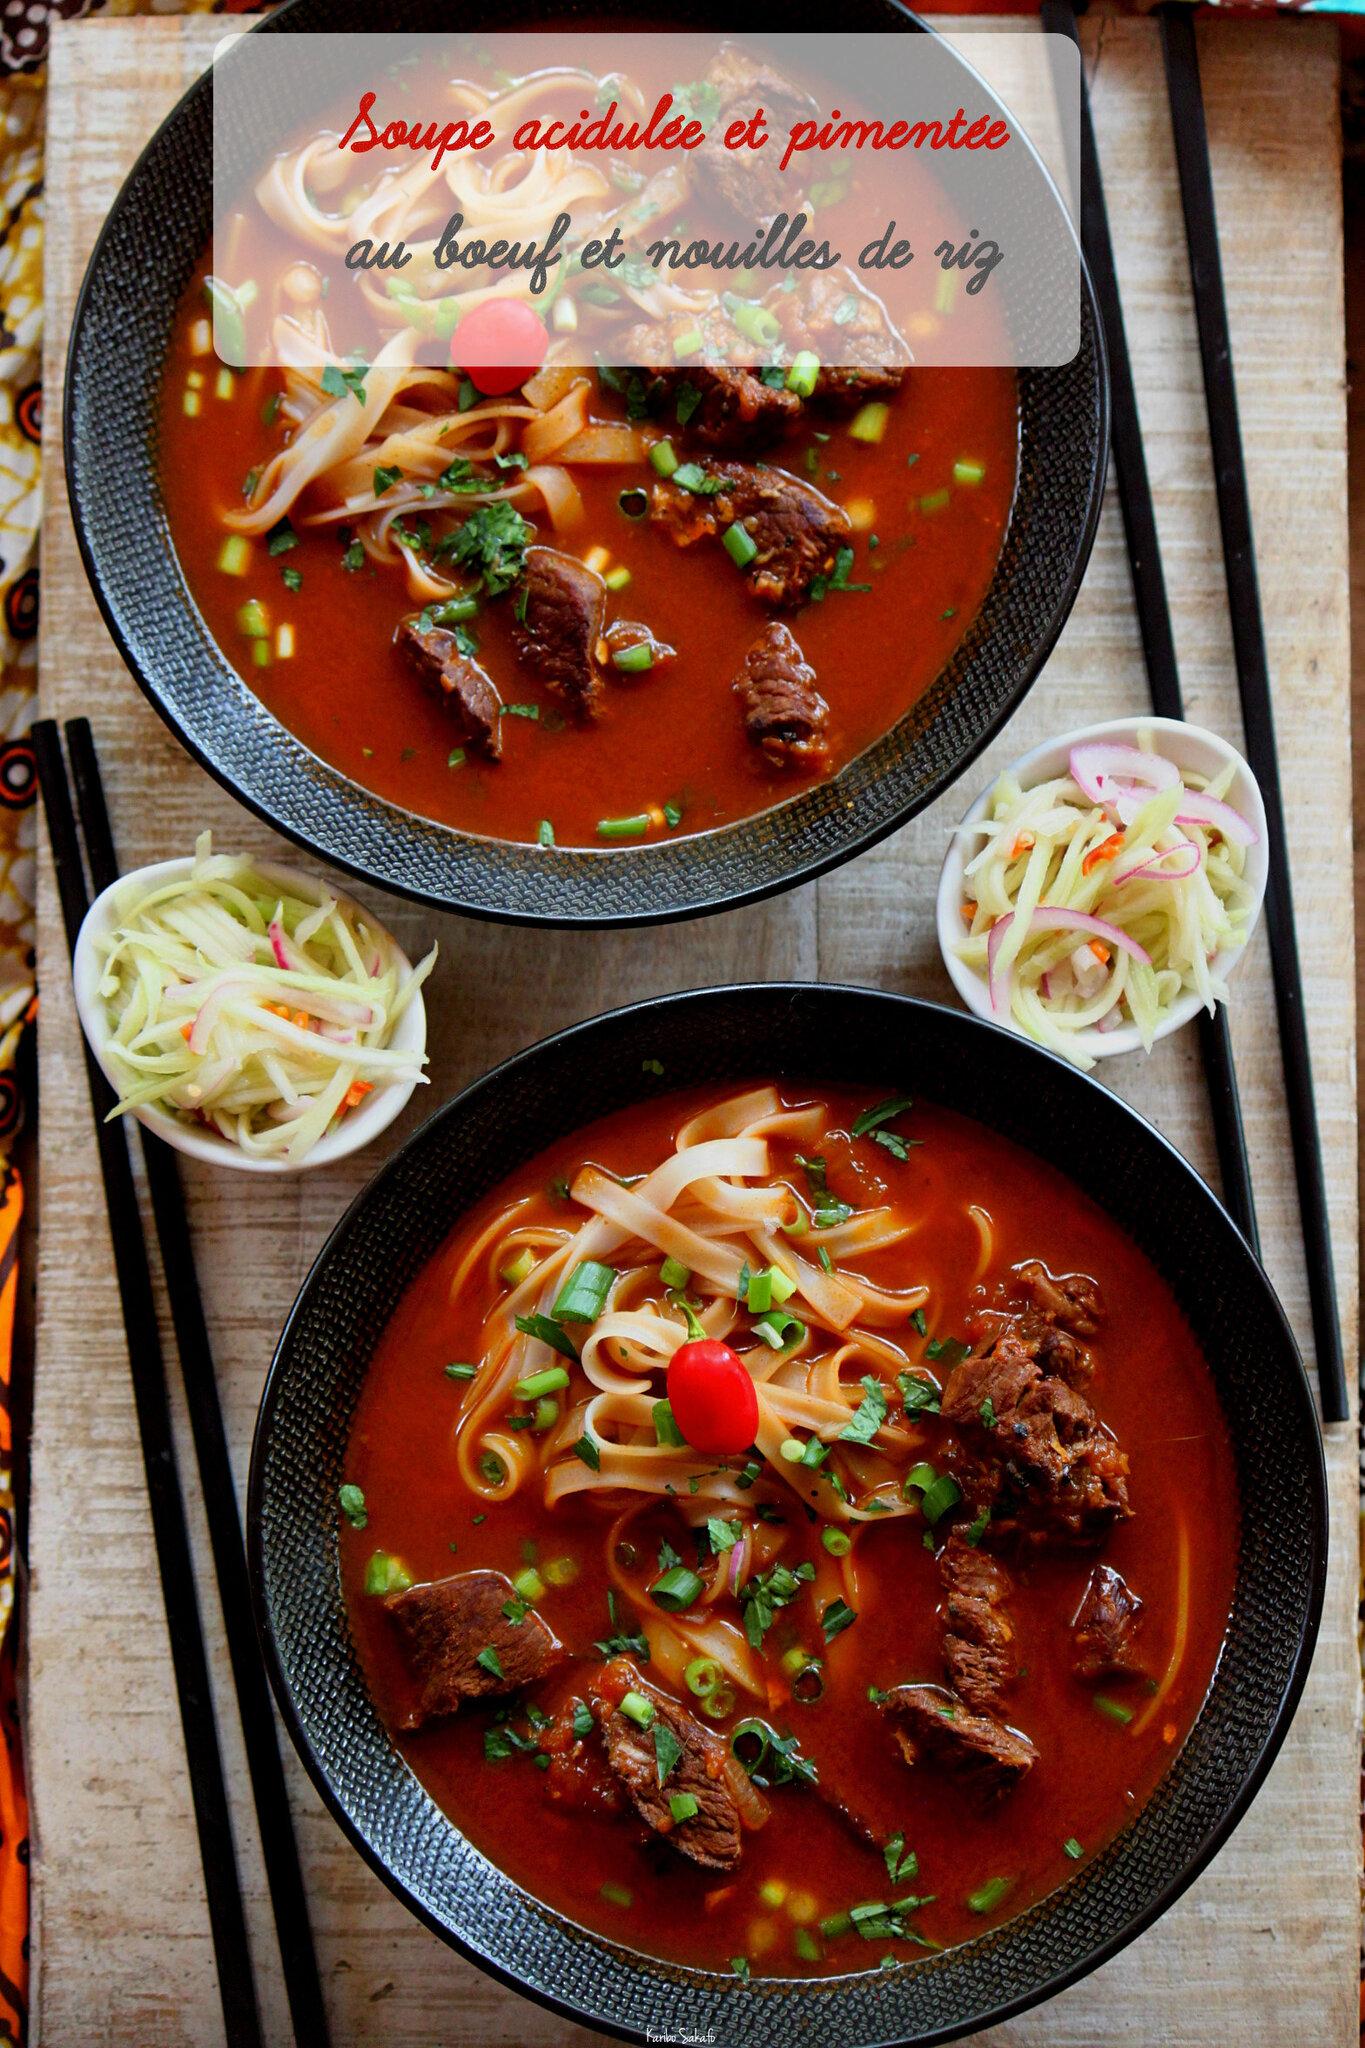 Soupe acidulée et pimentée au boeuf et nouilles de riz